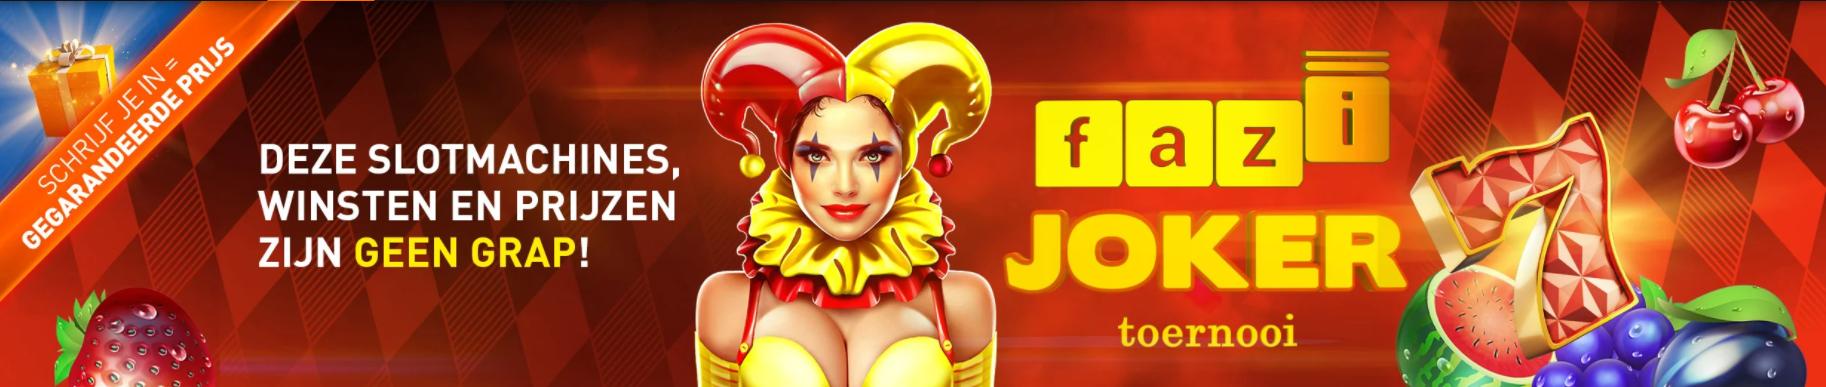 Casino 777 online Speelhal Fazi Joker Toernooi Gratis prijzen Geldkluis tokens 2021